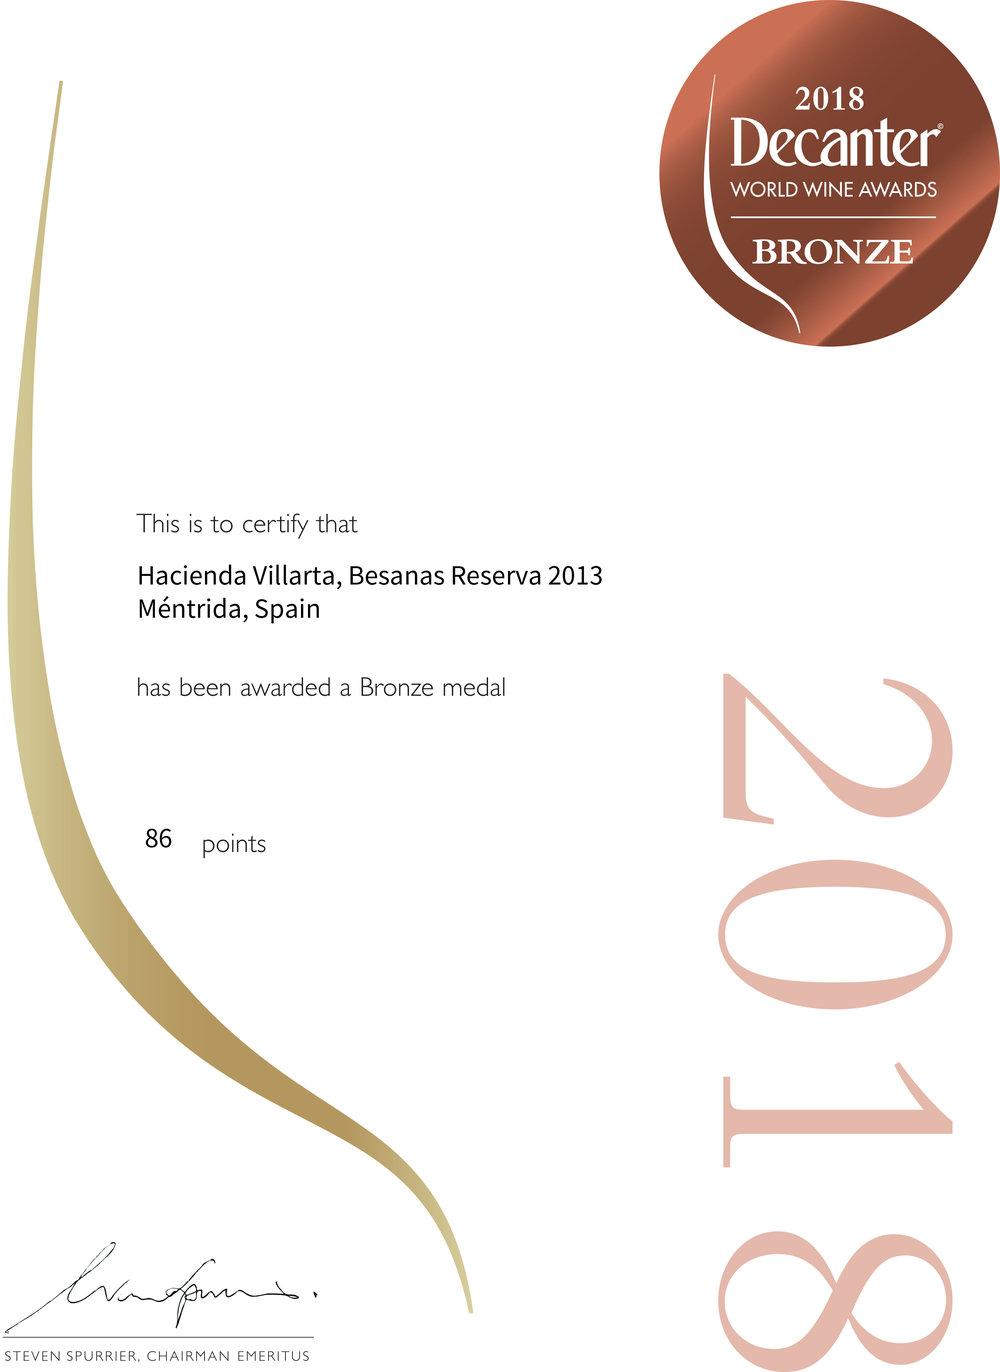 Certificate_BRONZE BESANAS RESERVA 2013_DWWA2018.jpg